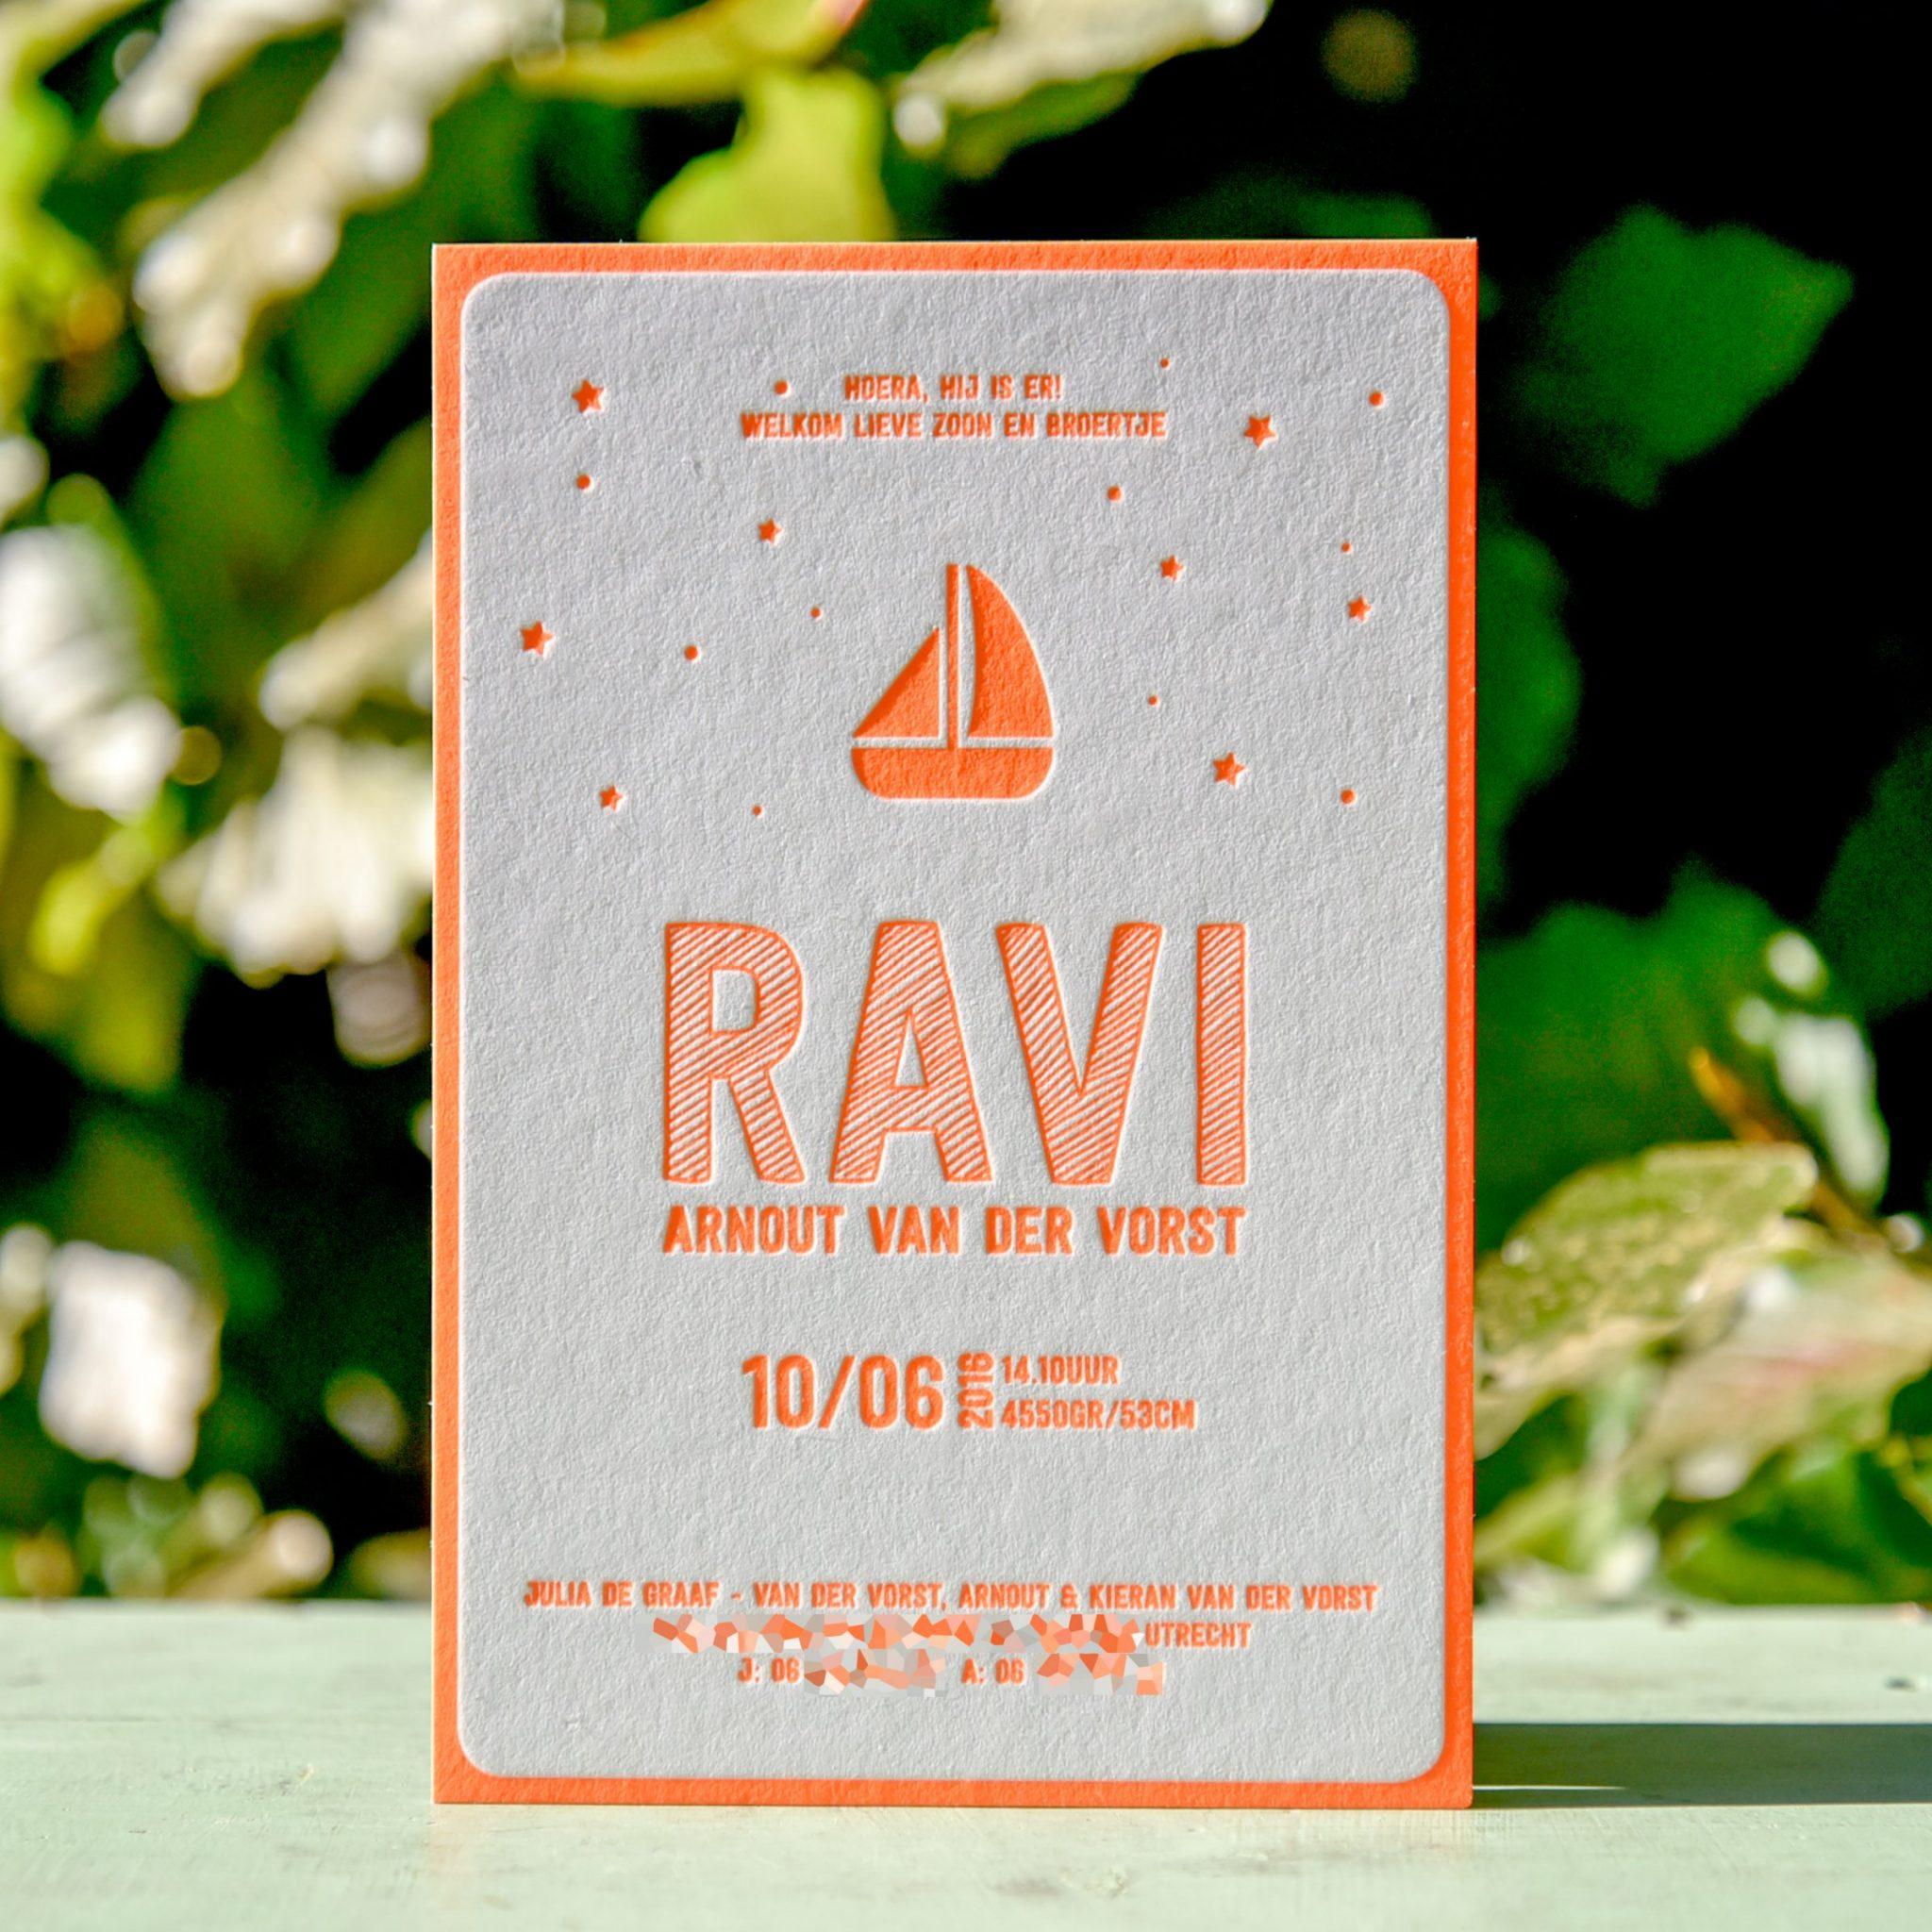 Ravi geboortekaart verdiept gedrukt in het fluor oranje